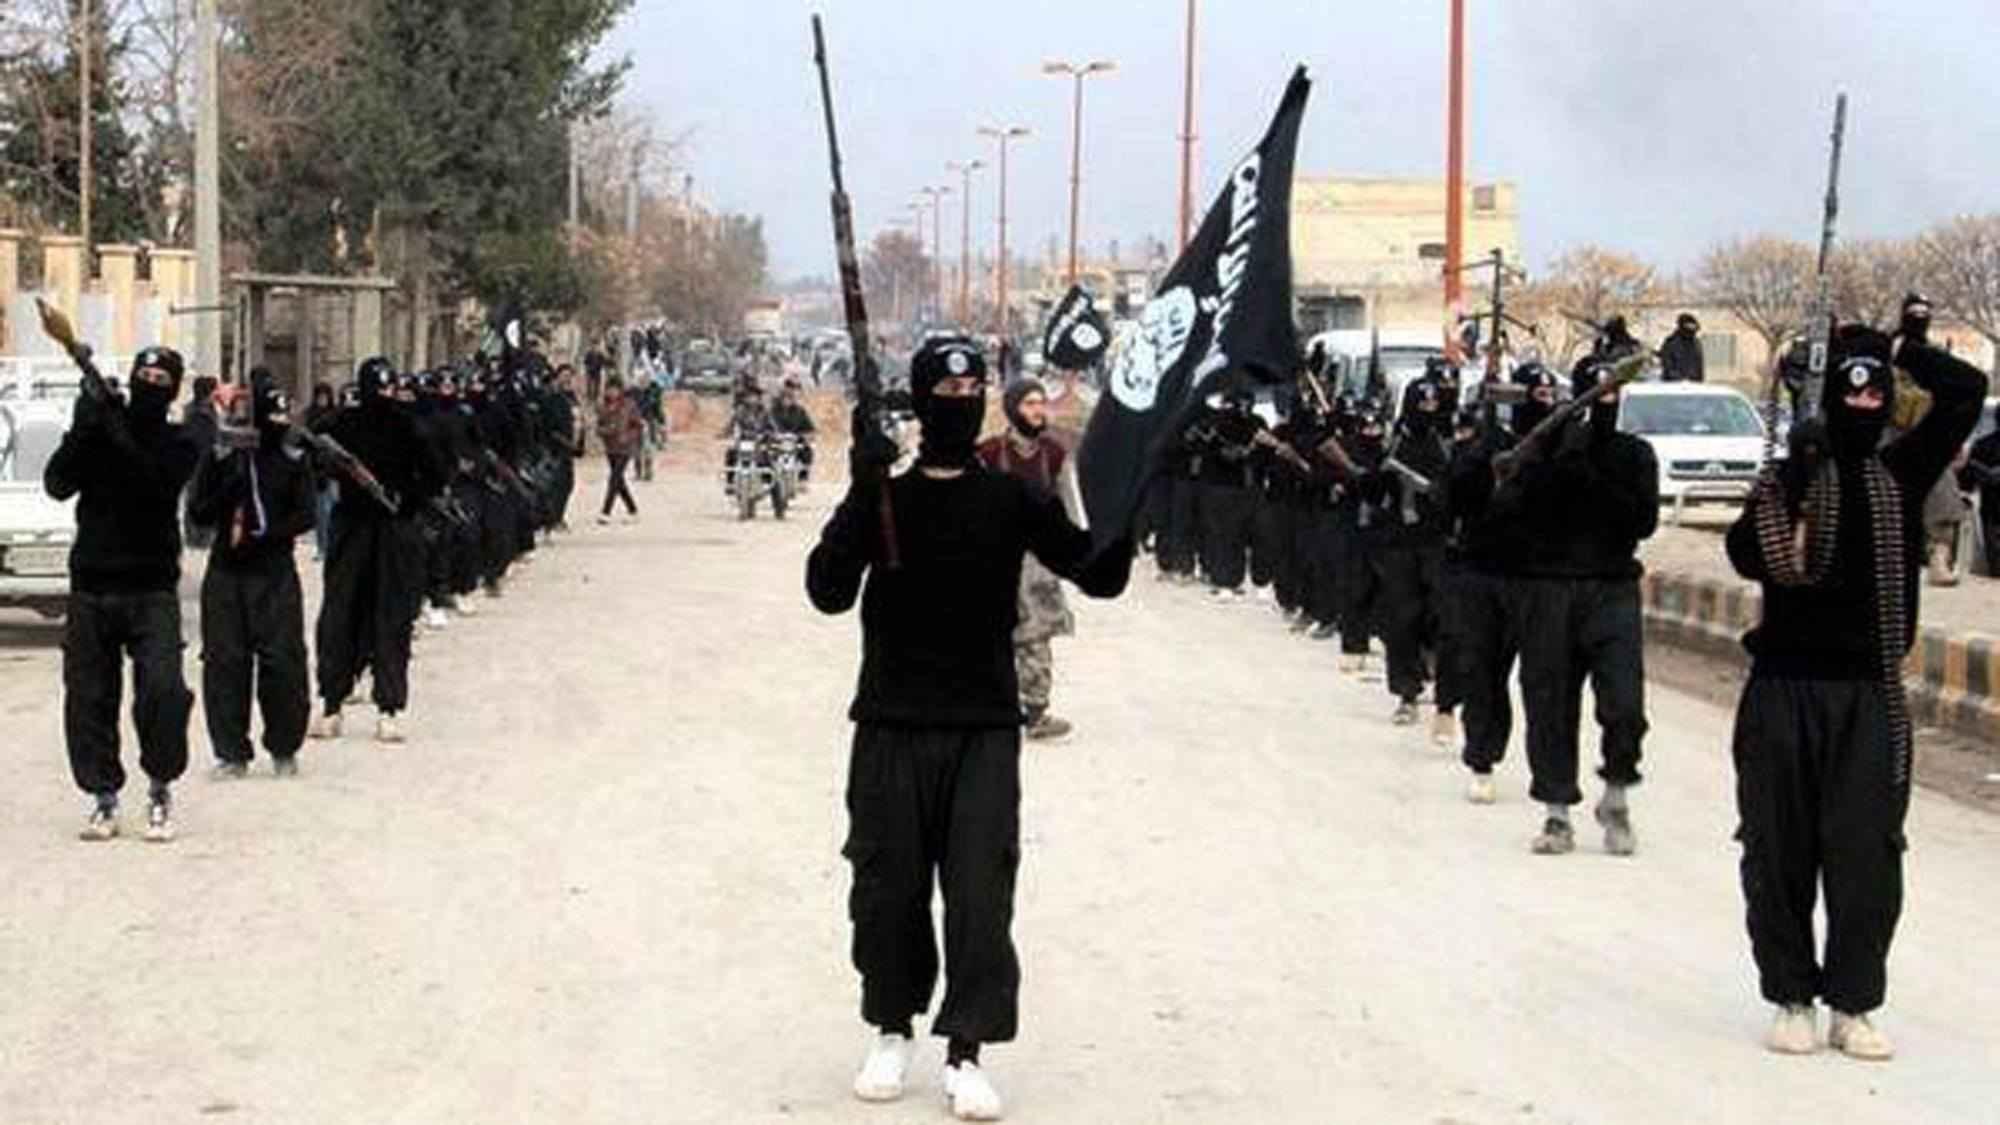 داعش ليس لديها مشكلة مع إسرائيل